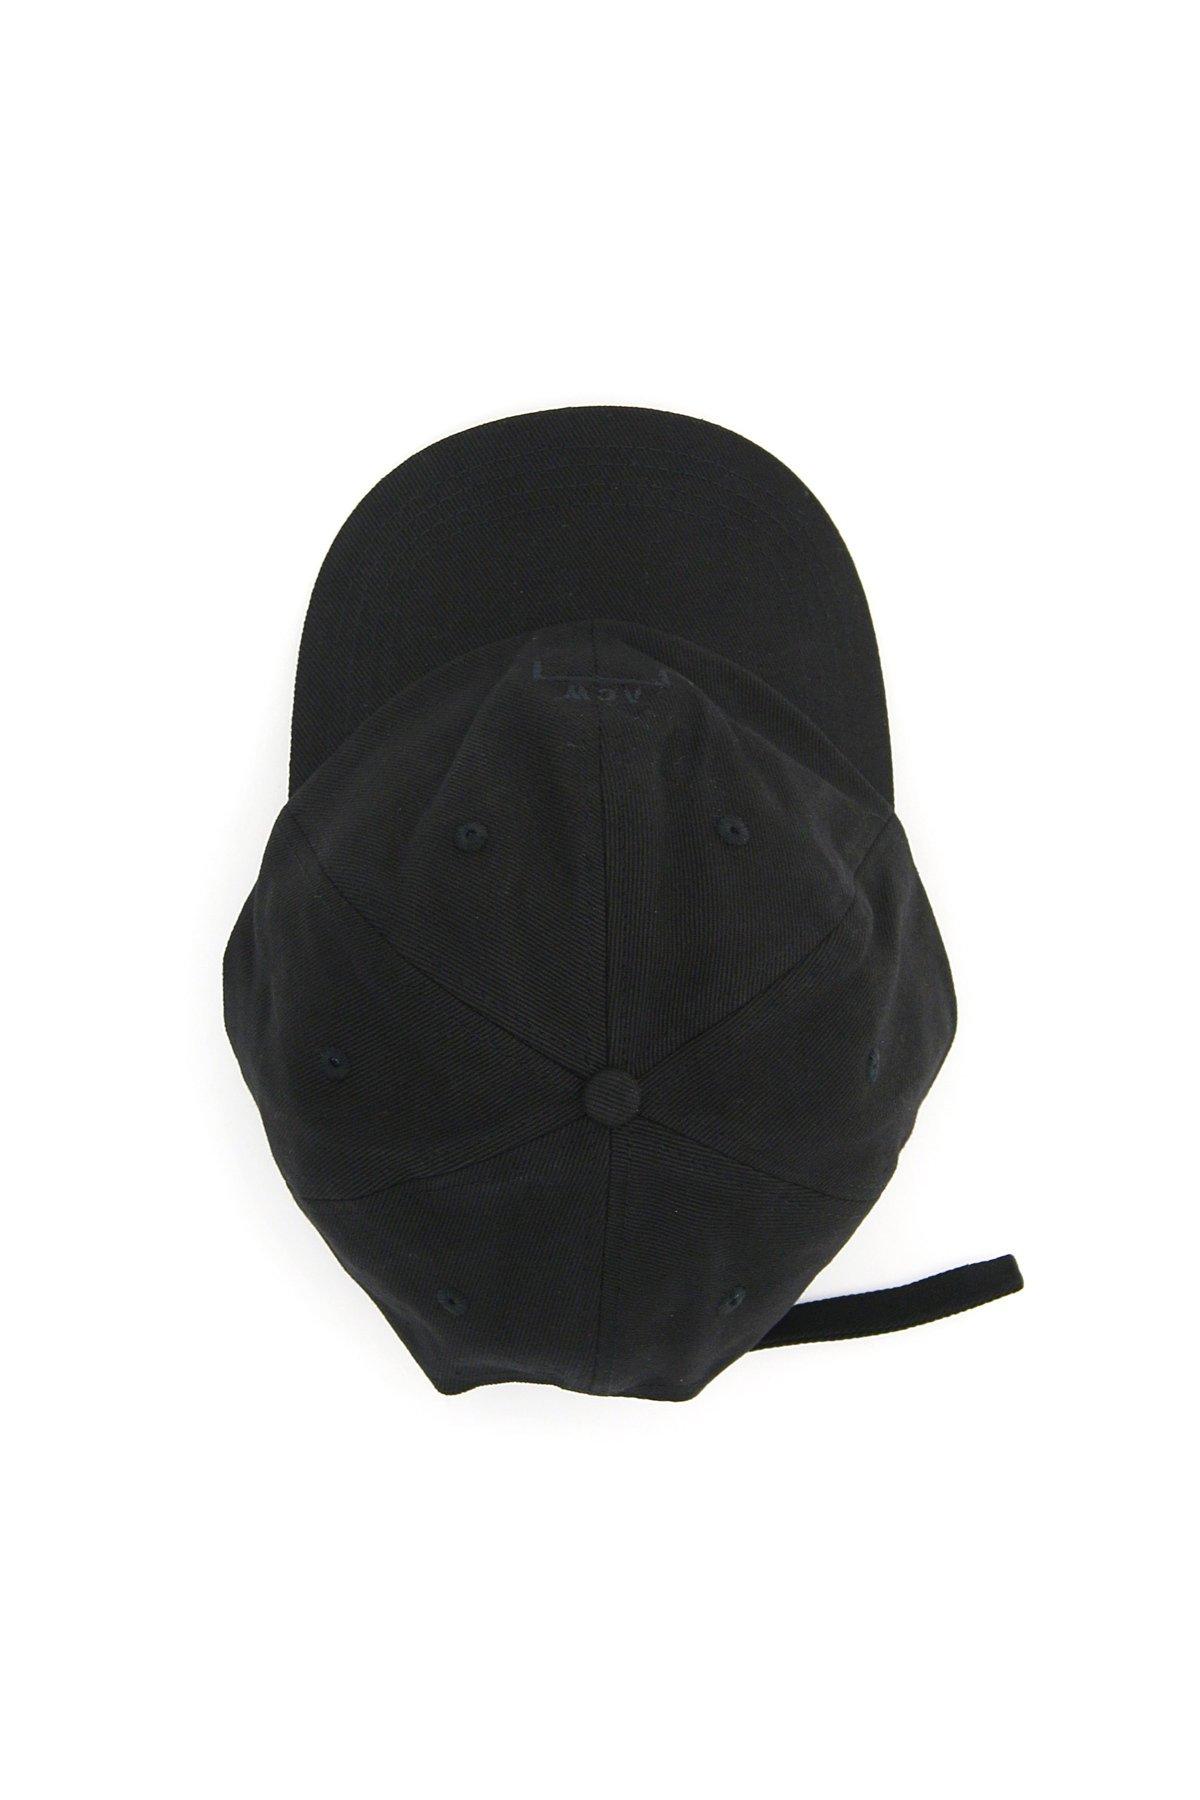 A cold wall cappello baseball logo acw